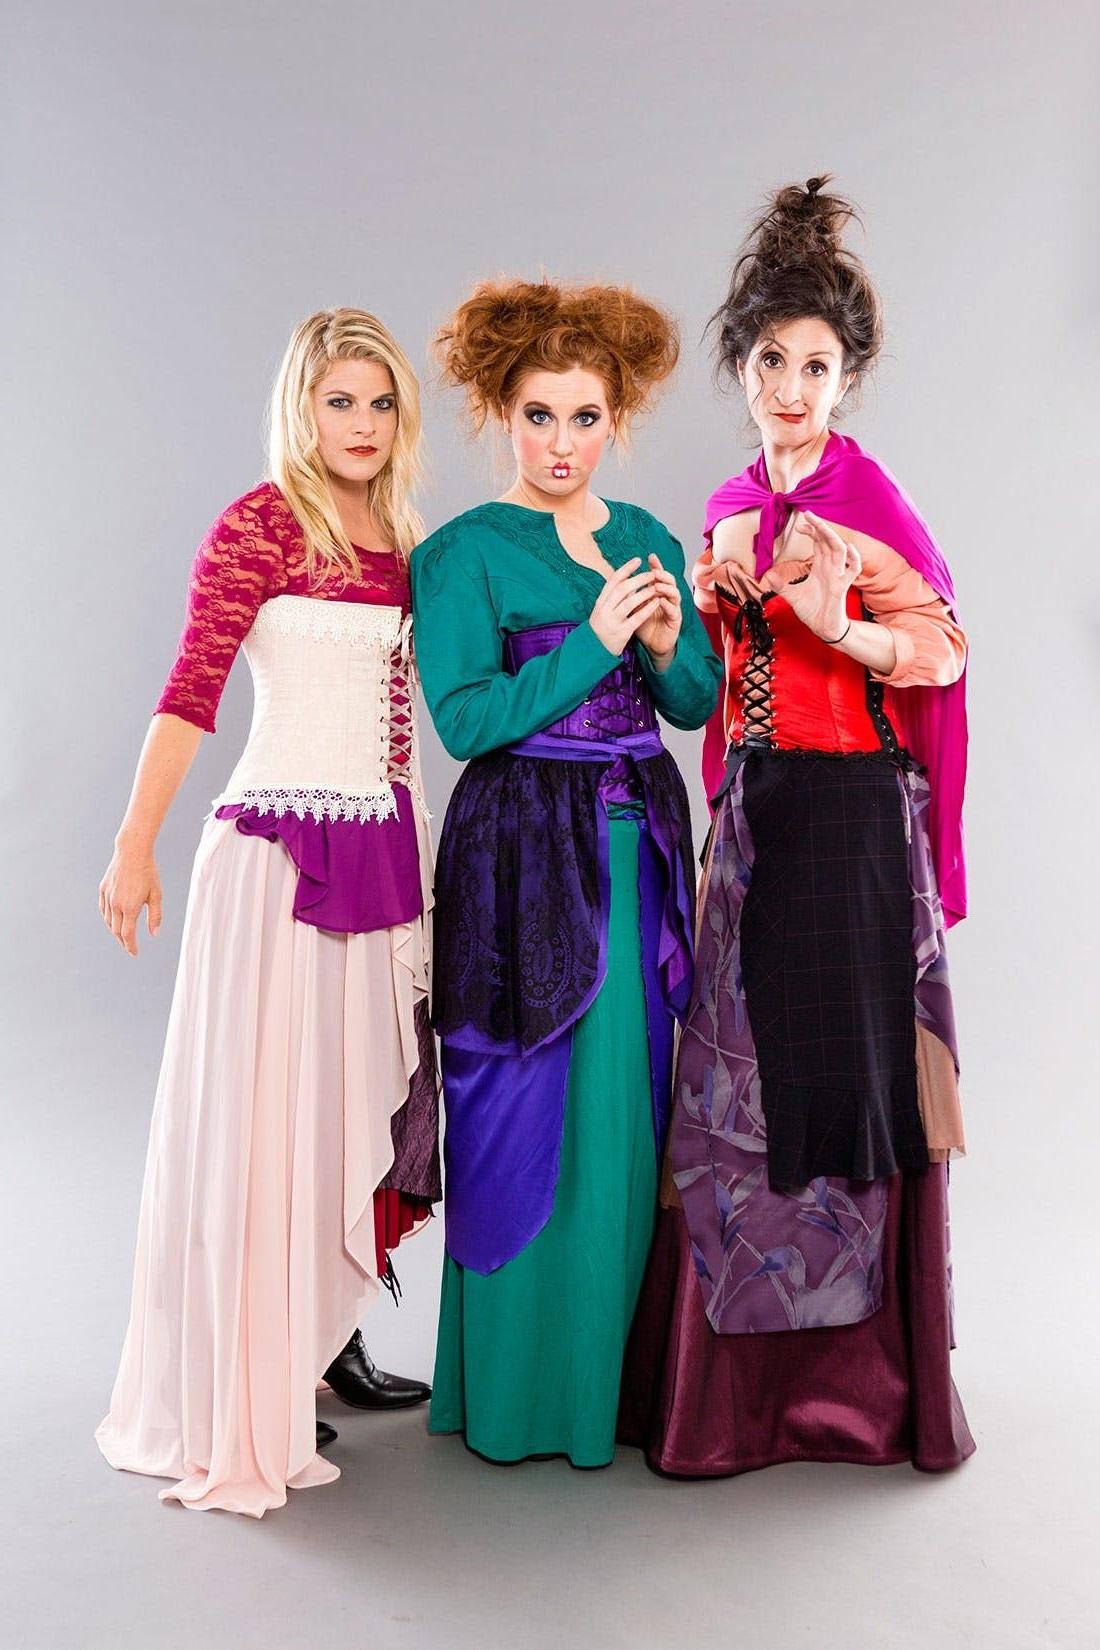 Idée de déguisement de groupe: les sœurs de Hocus Pocus.